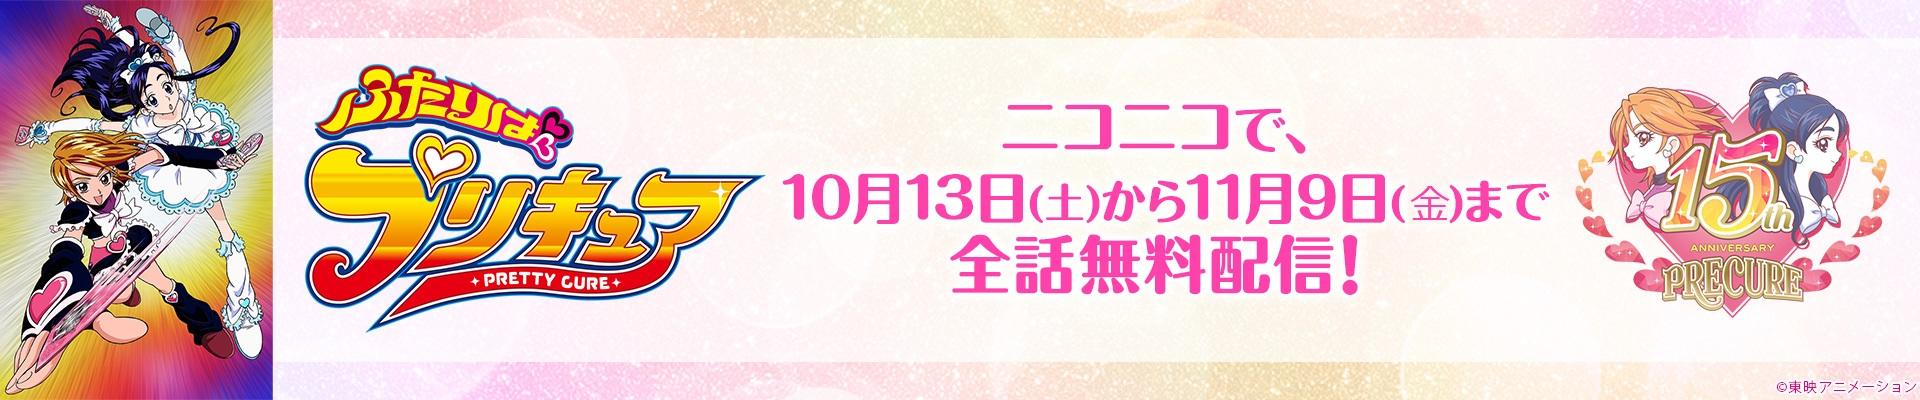 ふたりはプリキュア全49話無料配信ニコニコのアニメサイトnアニメ